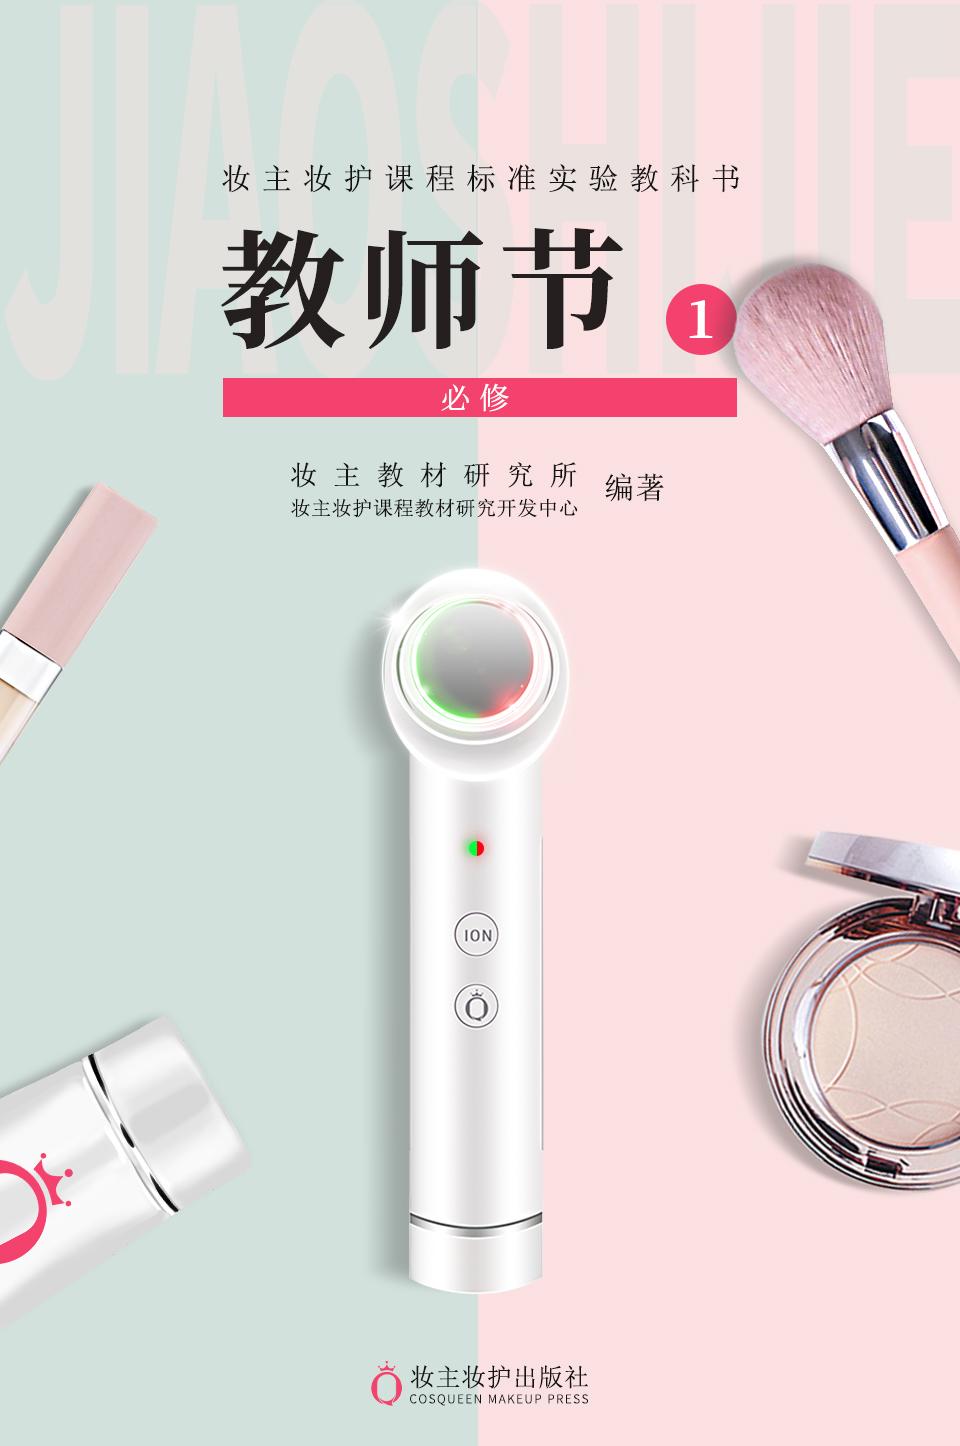 个性化妆品类海报